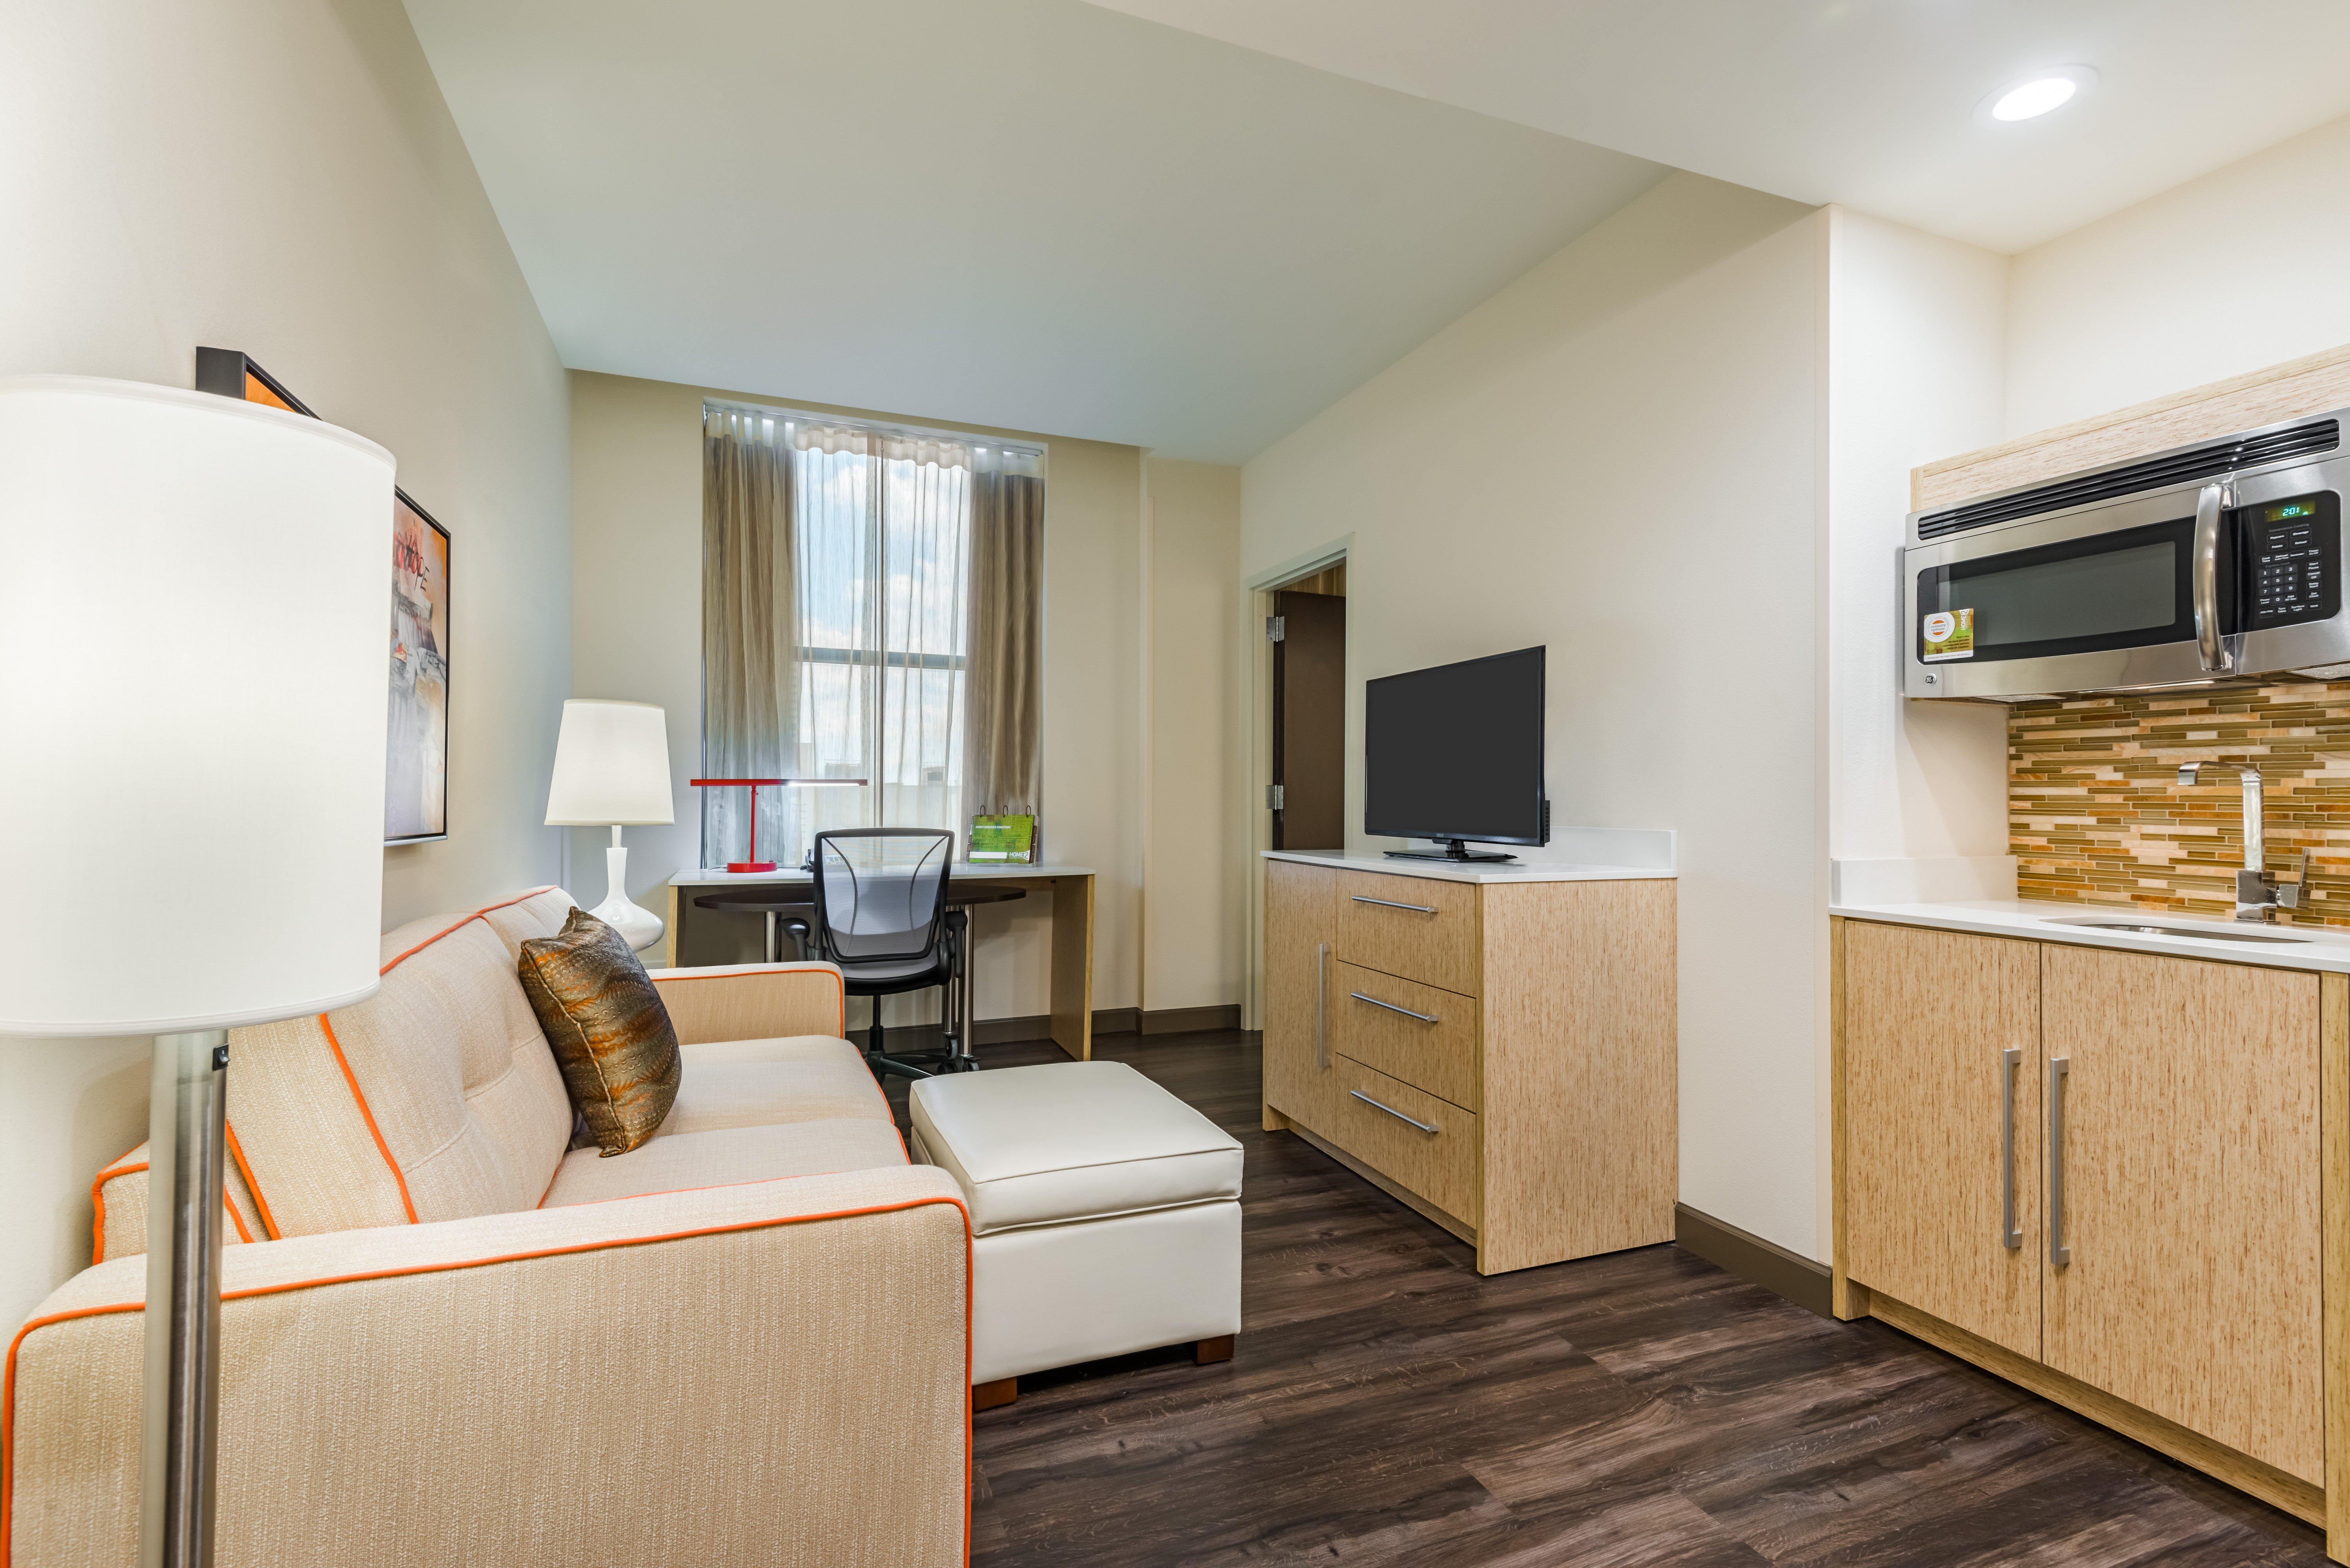 Home2 Suites by Hilton Atlanta Downtown Géorgie voir les tarifs et avis h